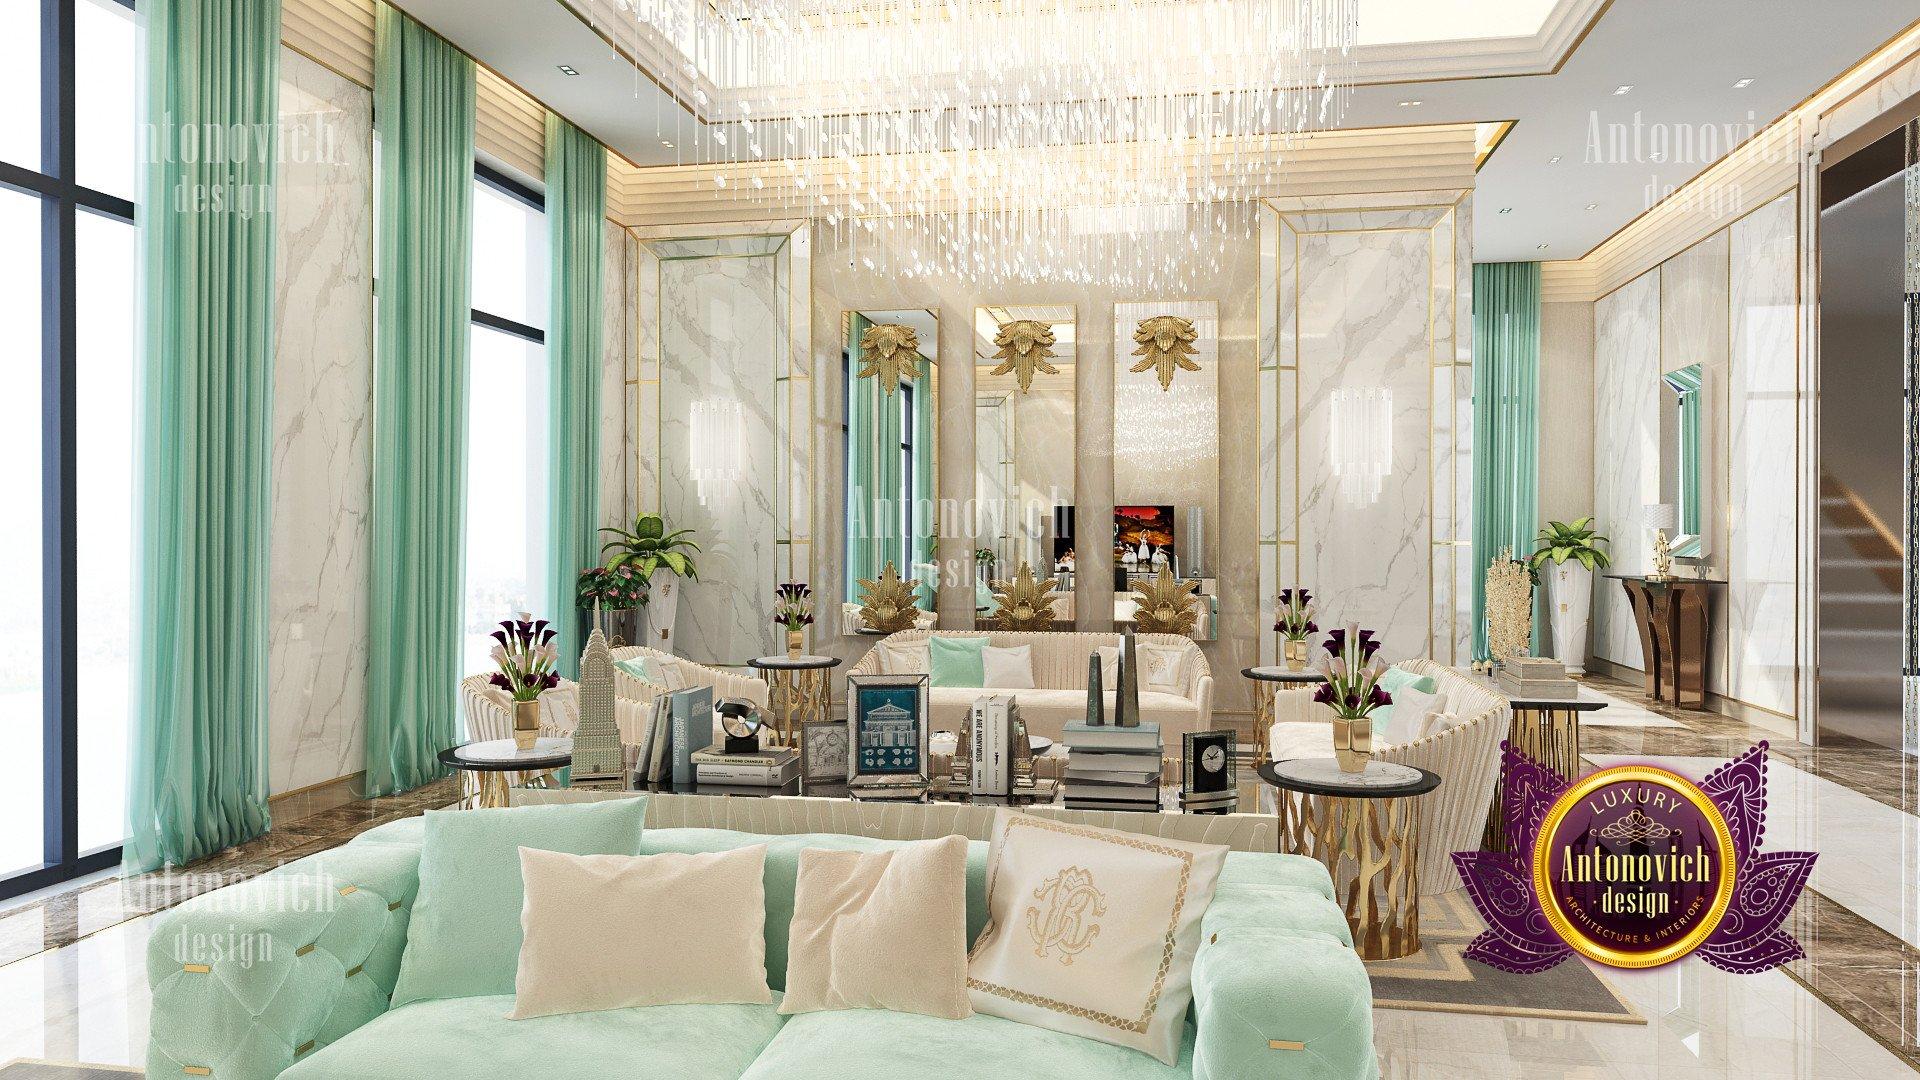 Interior Design Luxury Villa In San Francisco Luxury Interior Design Company In California